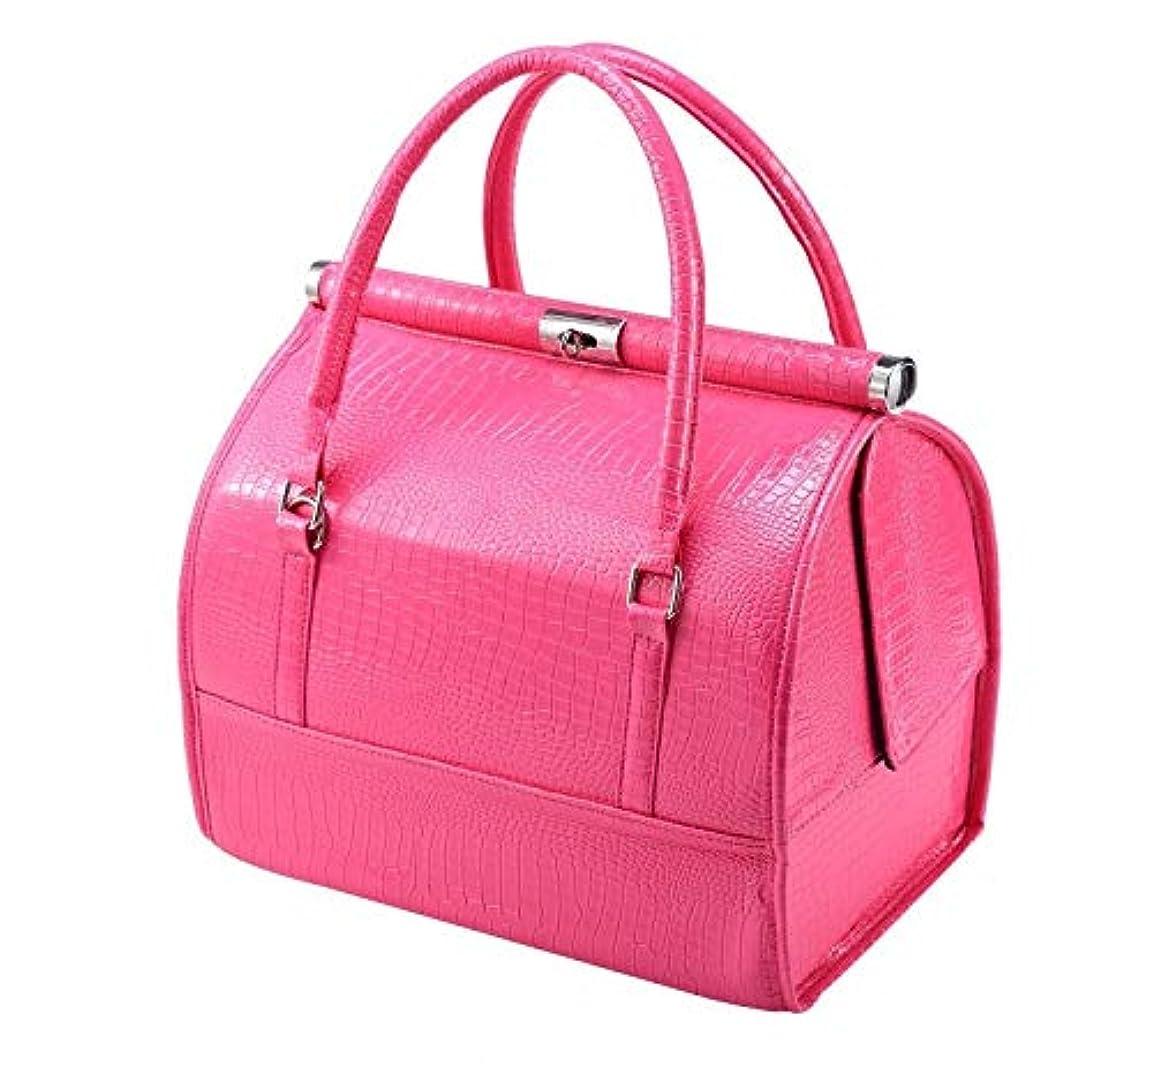 ボットバルセロナ聖人化粧箱、大容量の対角および携帯用化粧品の箱、携帯用旅行化粧品袋、美の釘の宝石類の収納箱 (Color : ピンク)